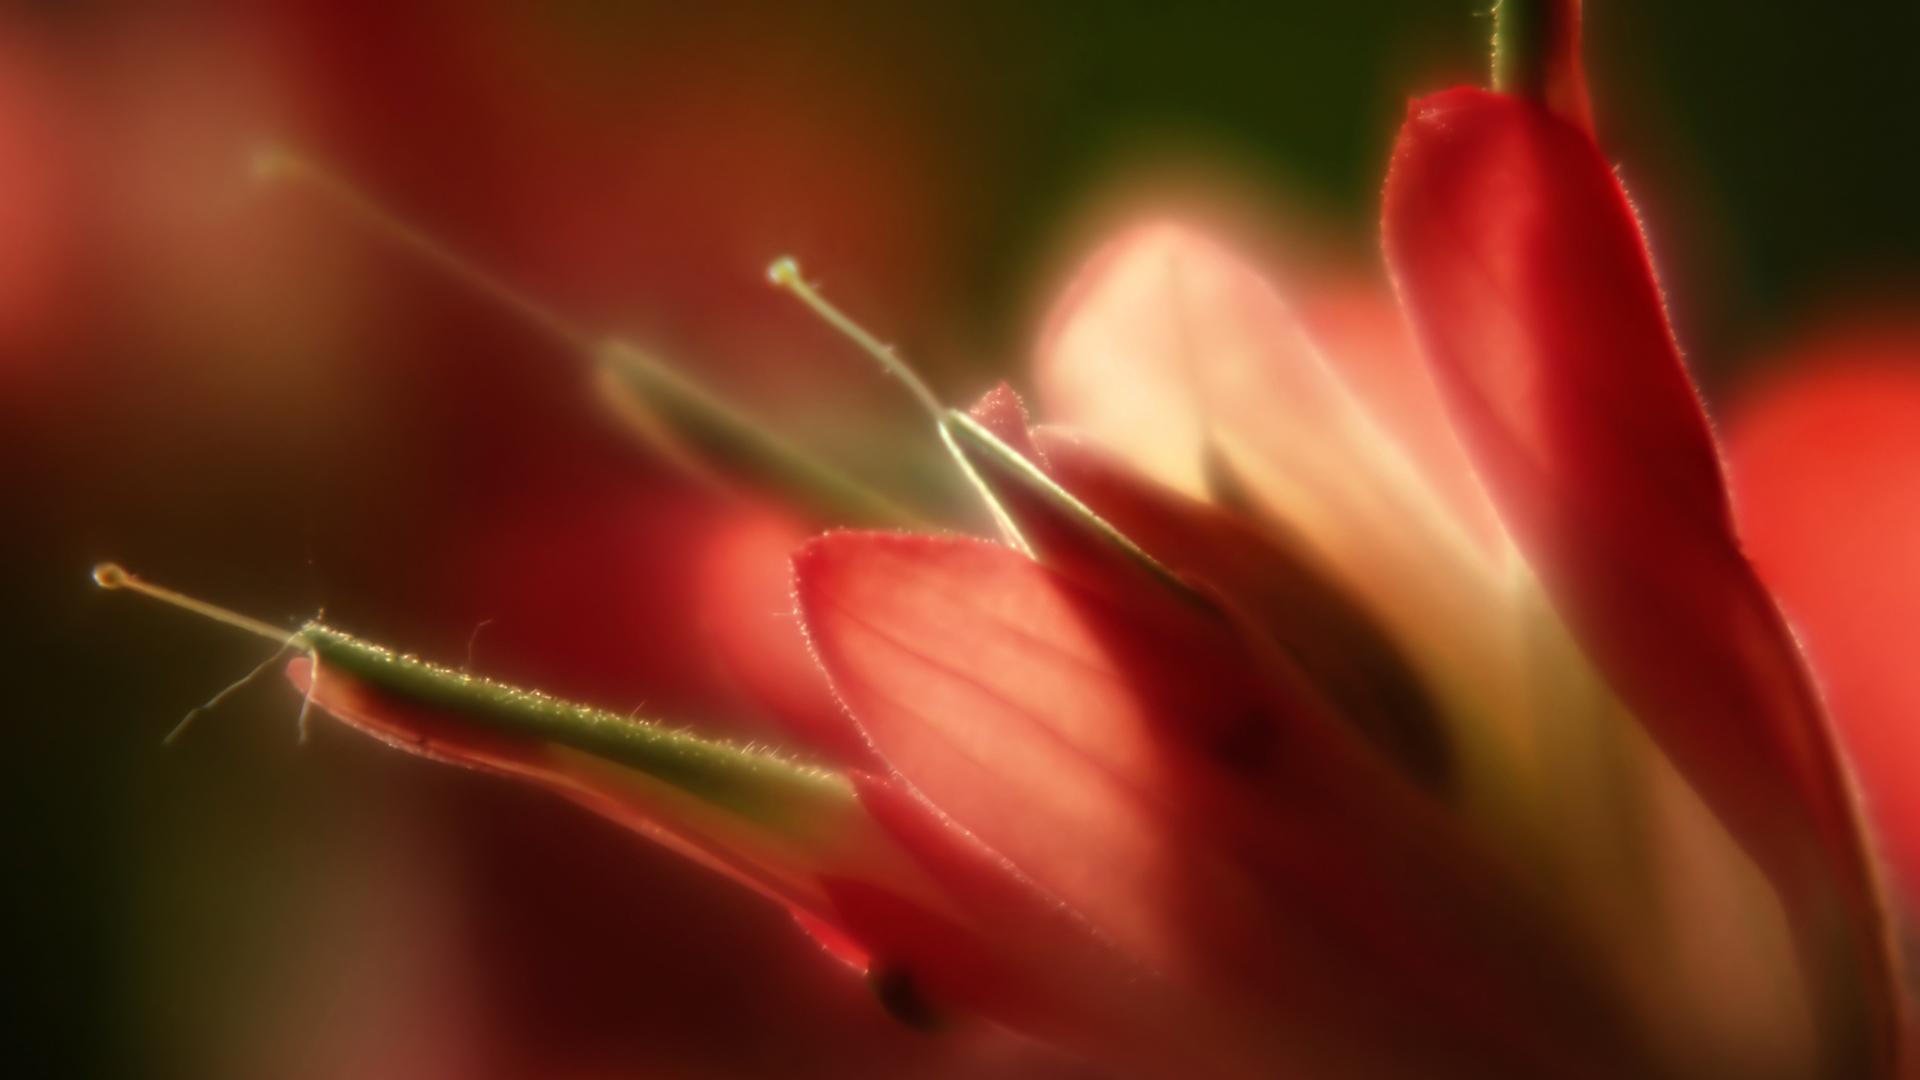 Lovely Macro Flowers Wallpaper